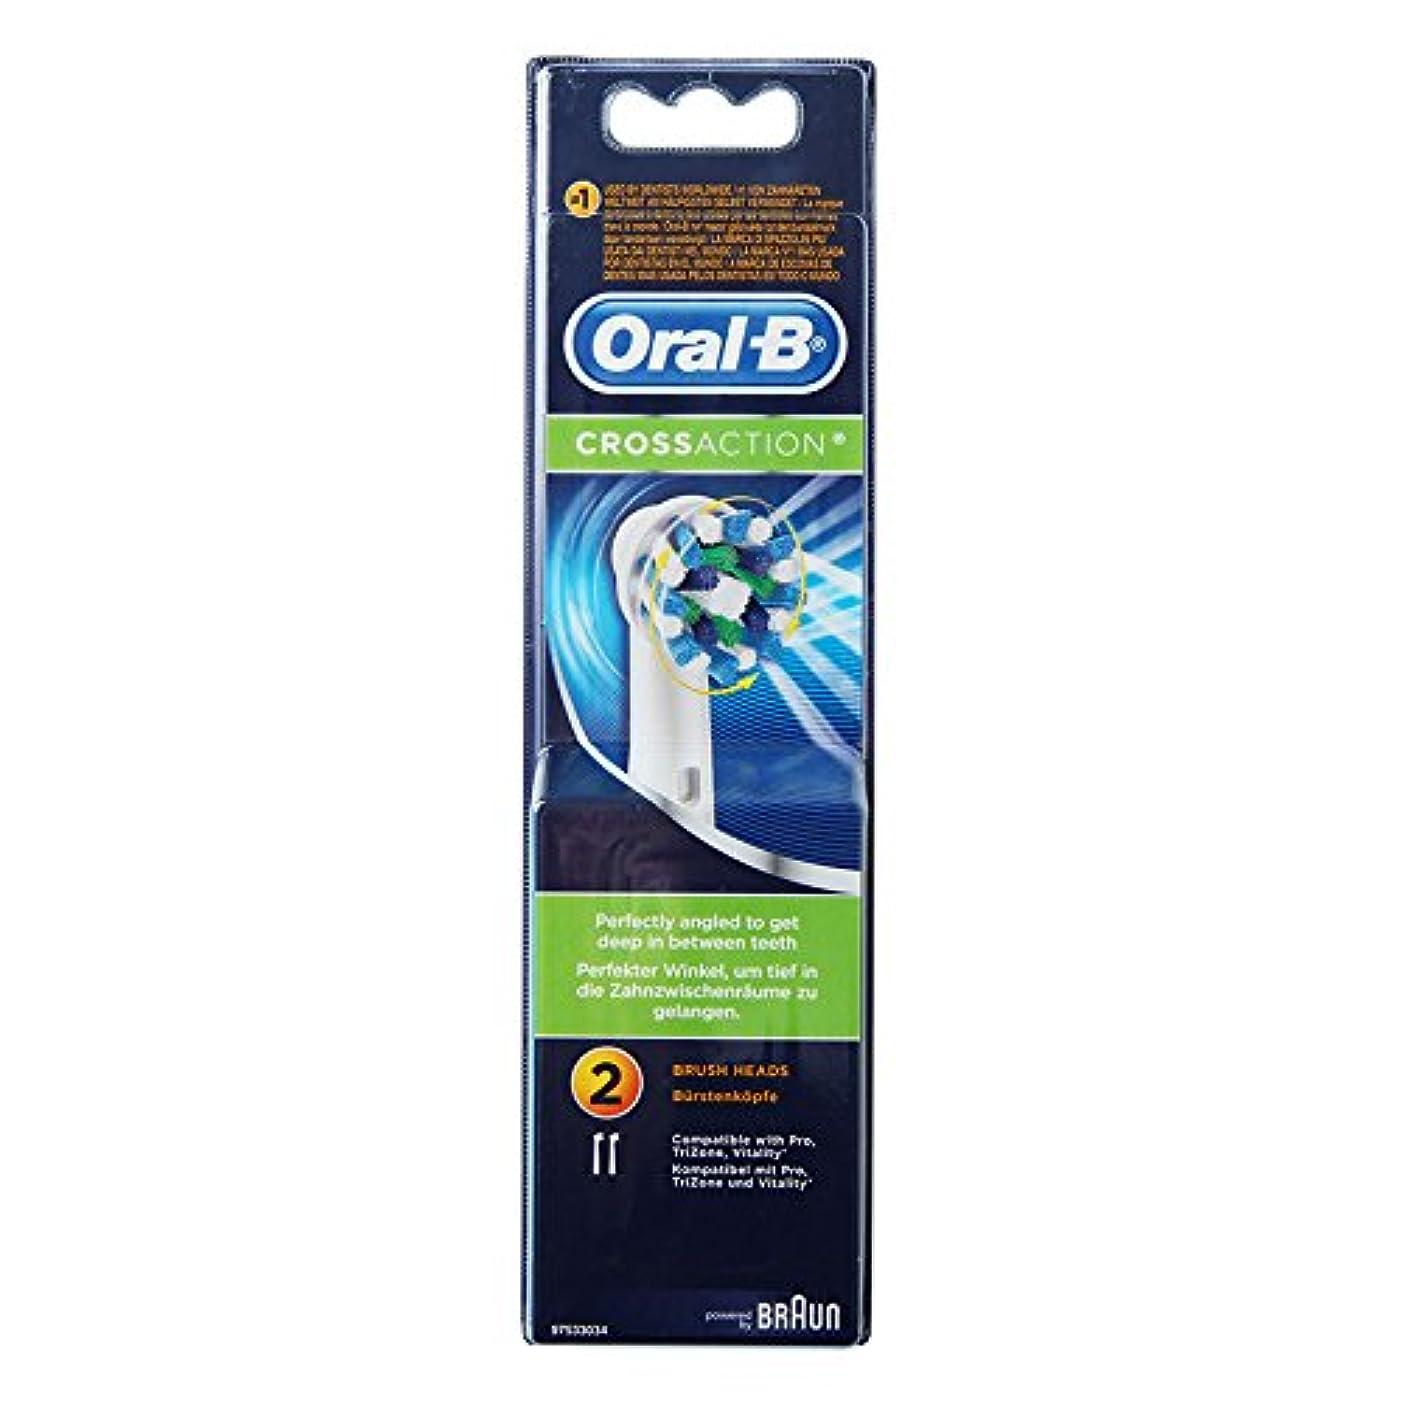 校長締めるマトンBraun Oral-B EB50-2 Oral-B CrossAction 歯ブラシ交換用ブラシヘッド 1Pack [並行輸入品]